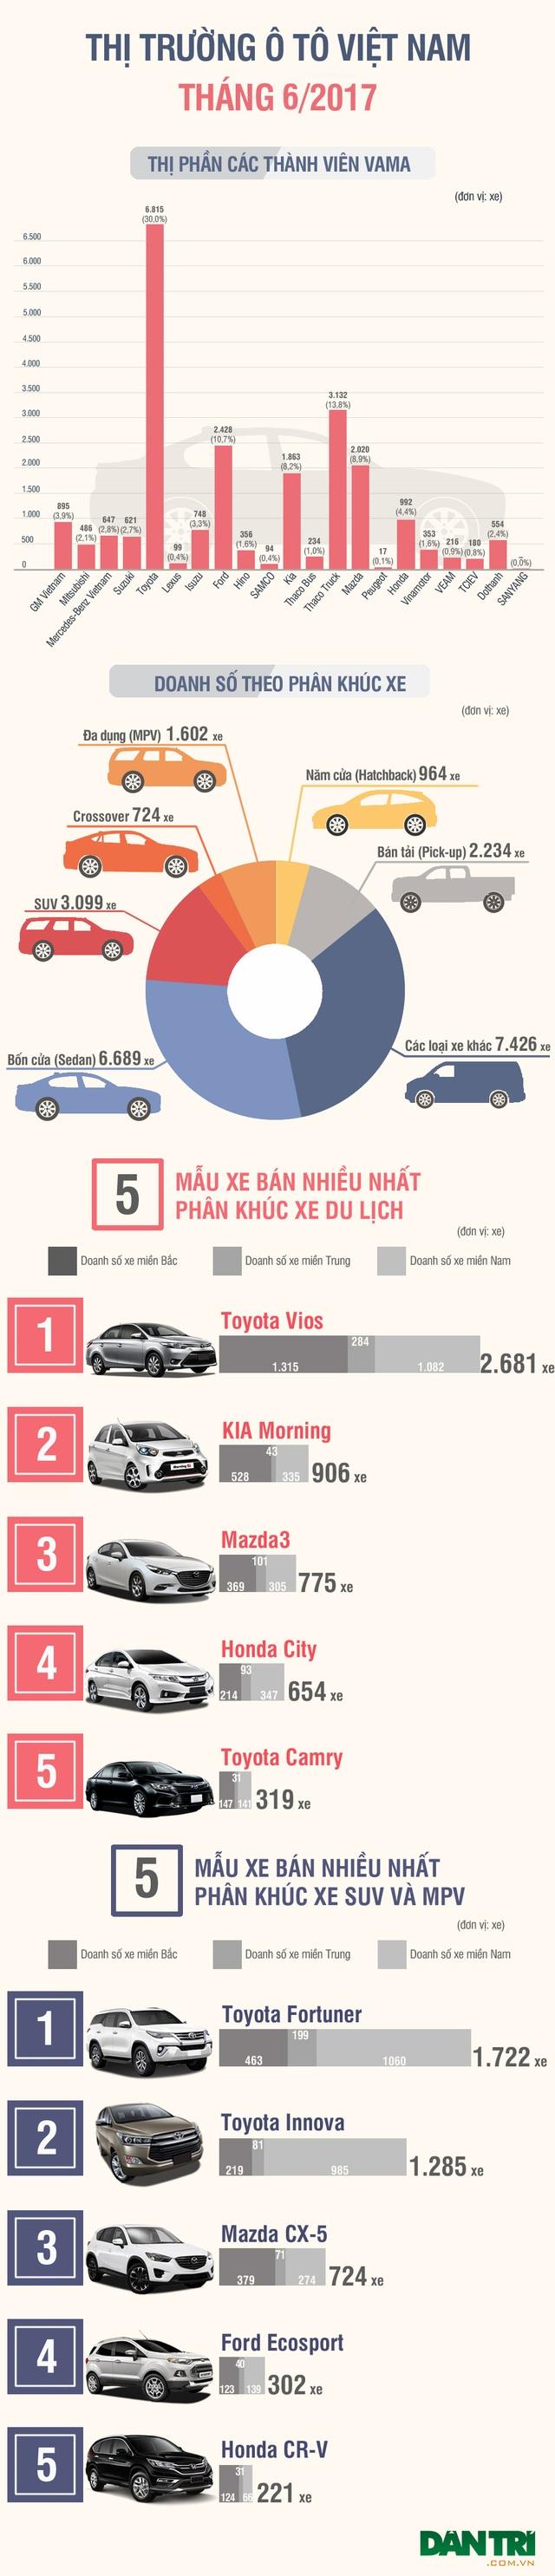 Tháng 6/2017: Thương hiệu nào bán nhiều xe nhất Việt Nam? - 1